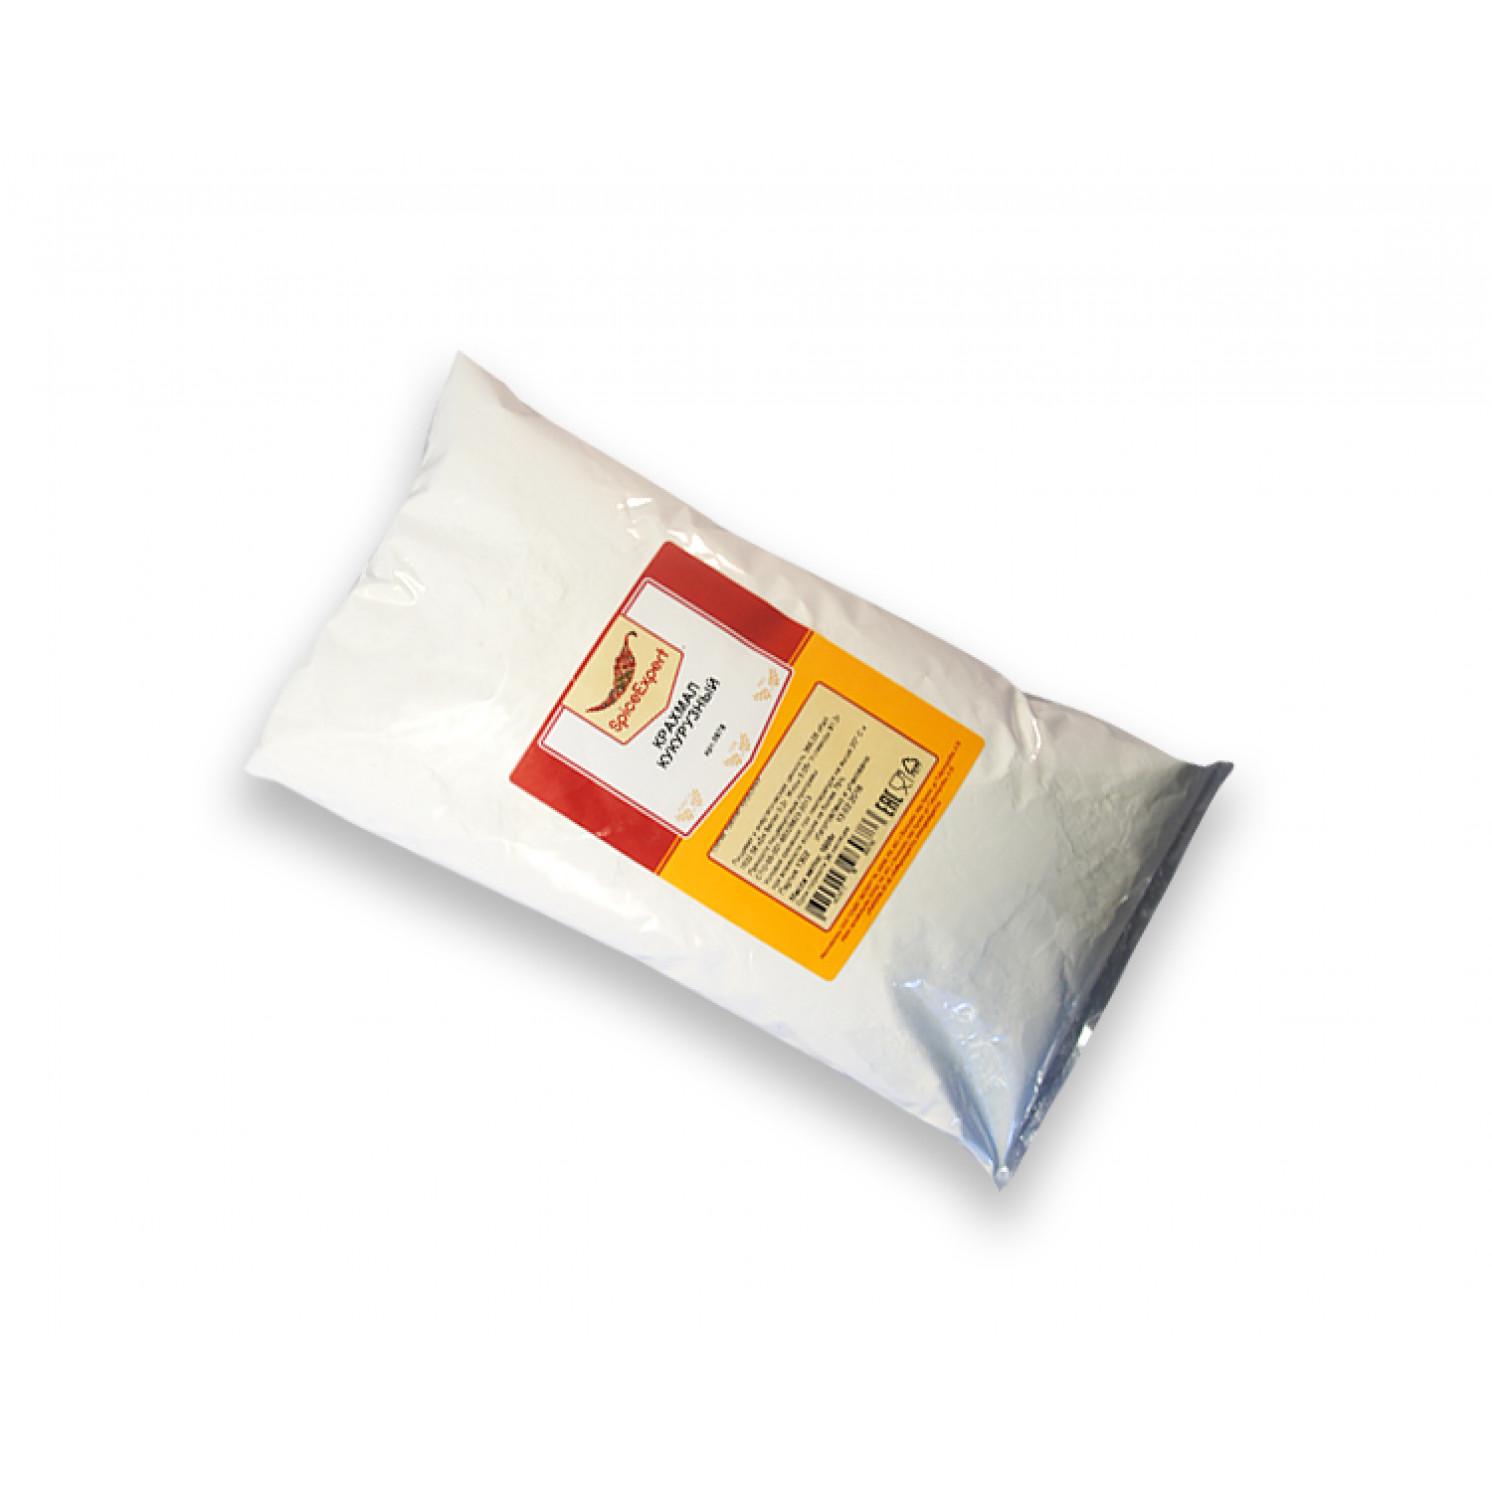 Крахмал кукурузный СпайсЭксперт, 1 кг